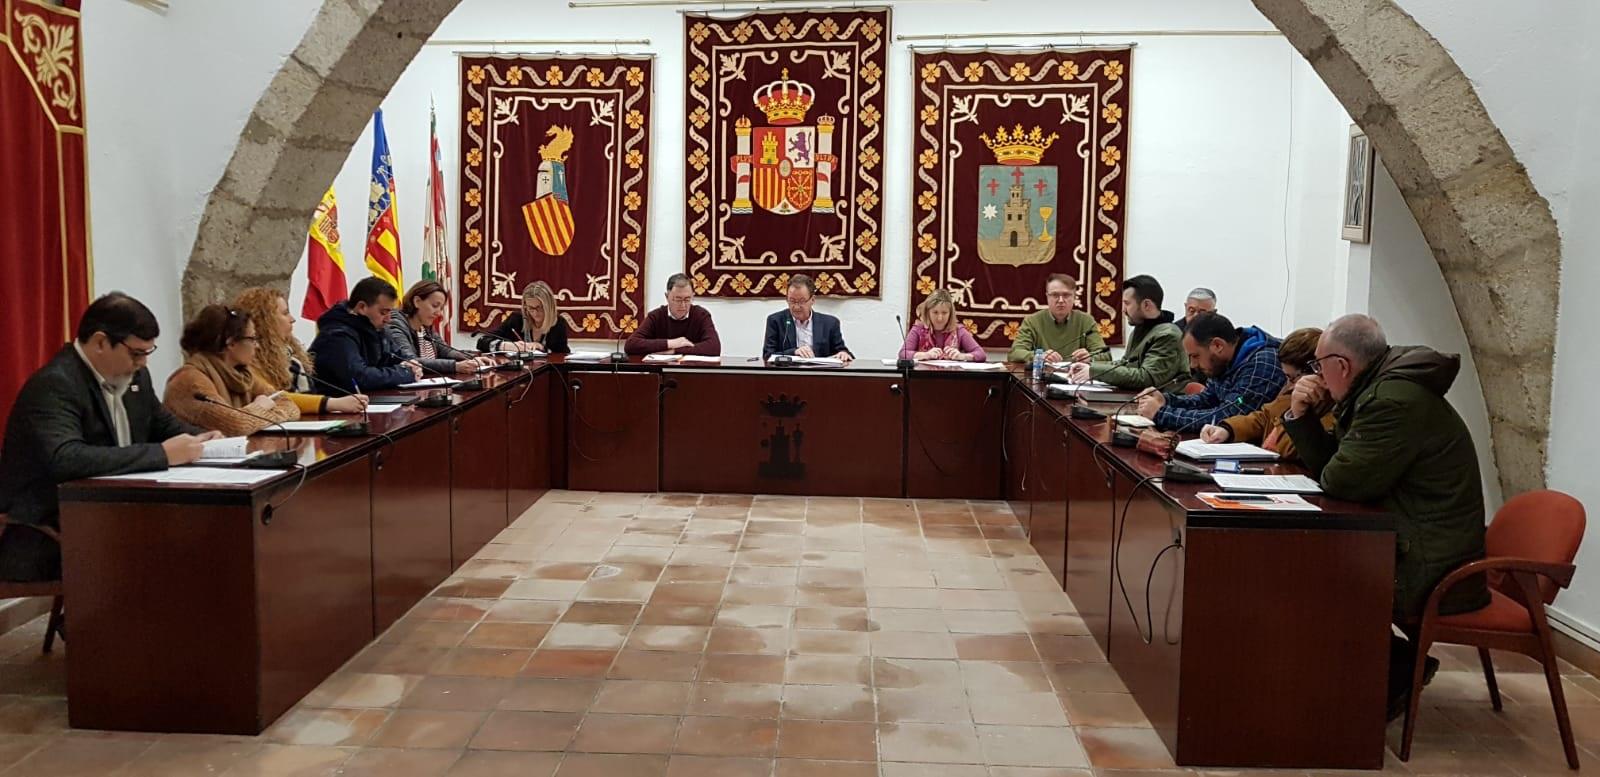 Alcalà, l'Ajuntament tanca el pressuposto 2018 amb 1,8 milions de romanents